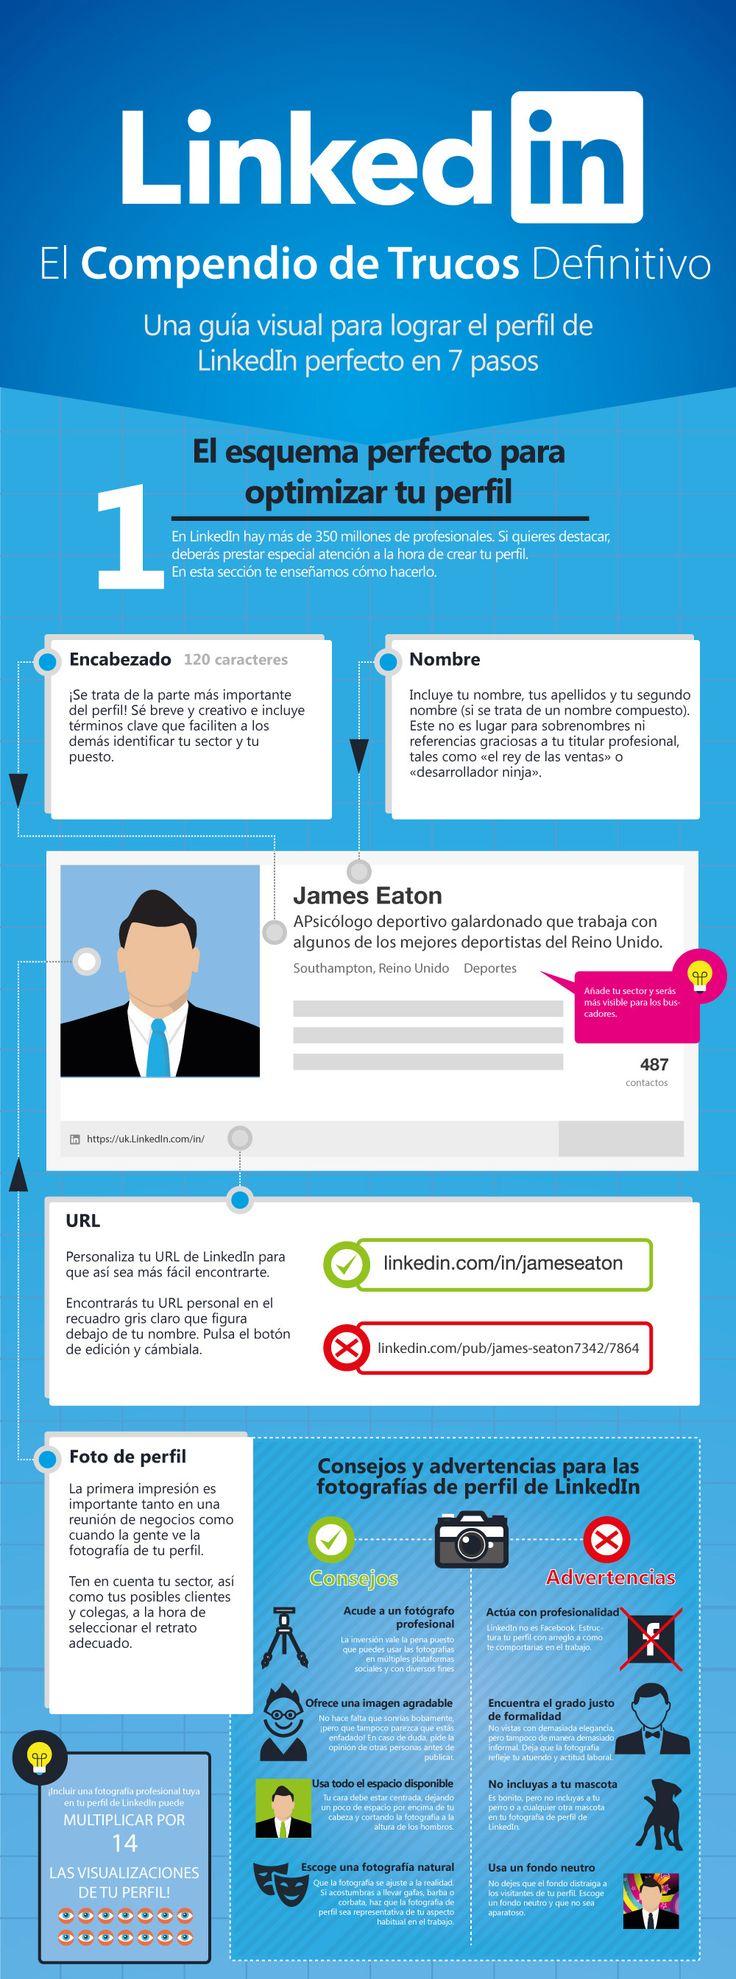 LinkedIn: El compendio de trucos definitivo #infografia